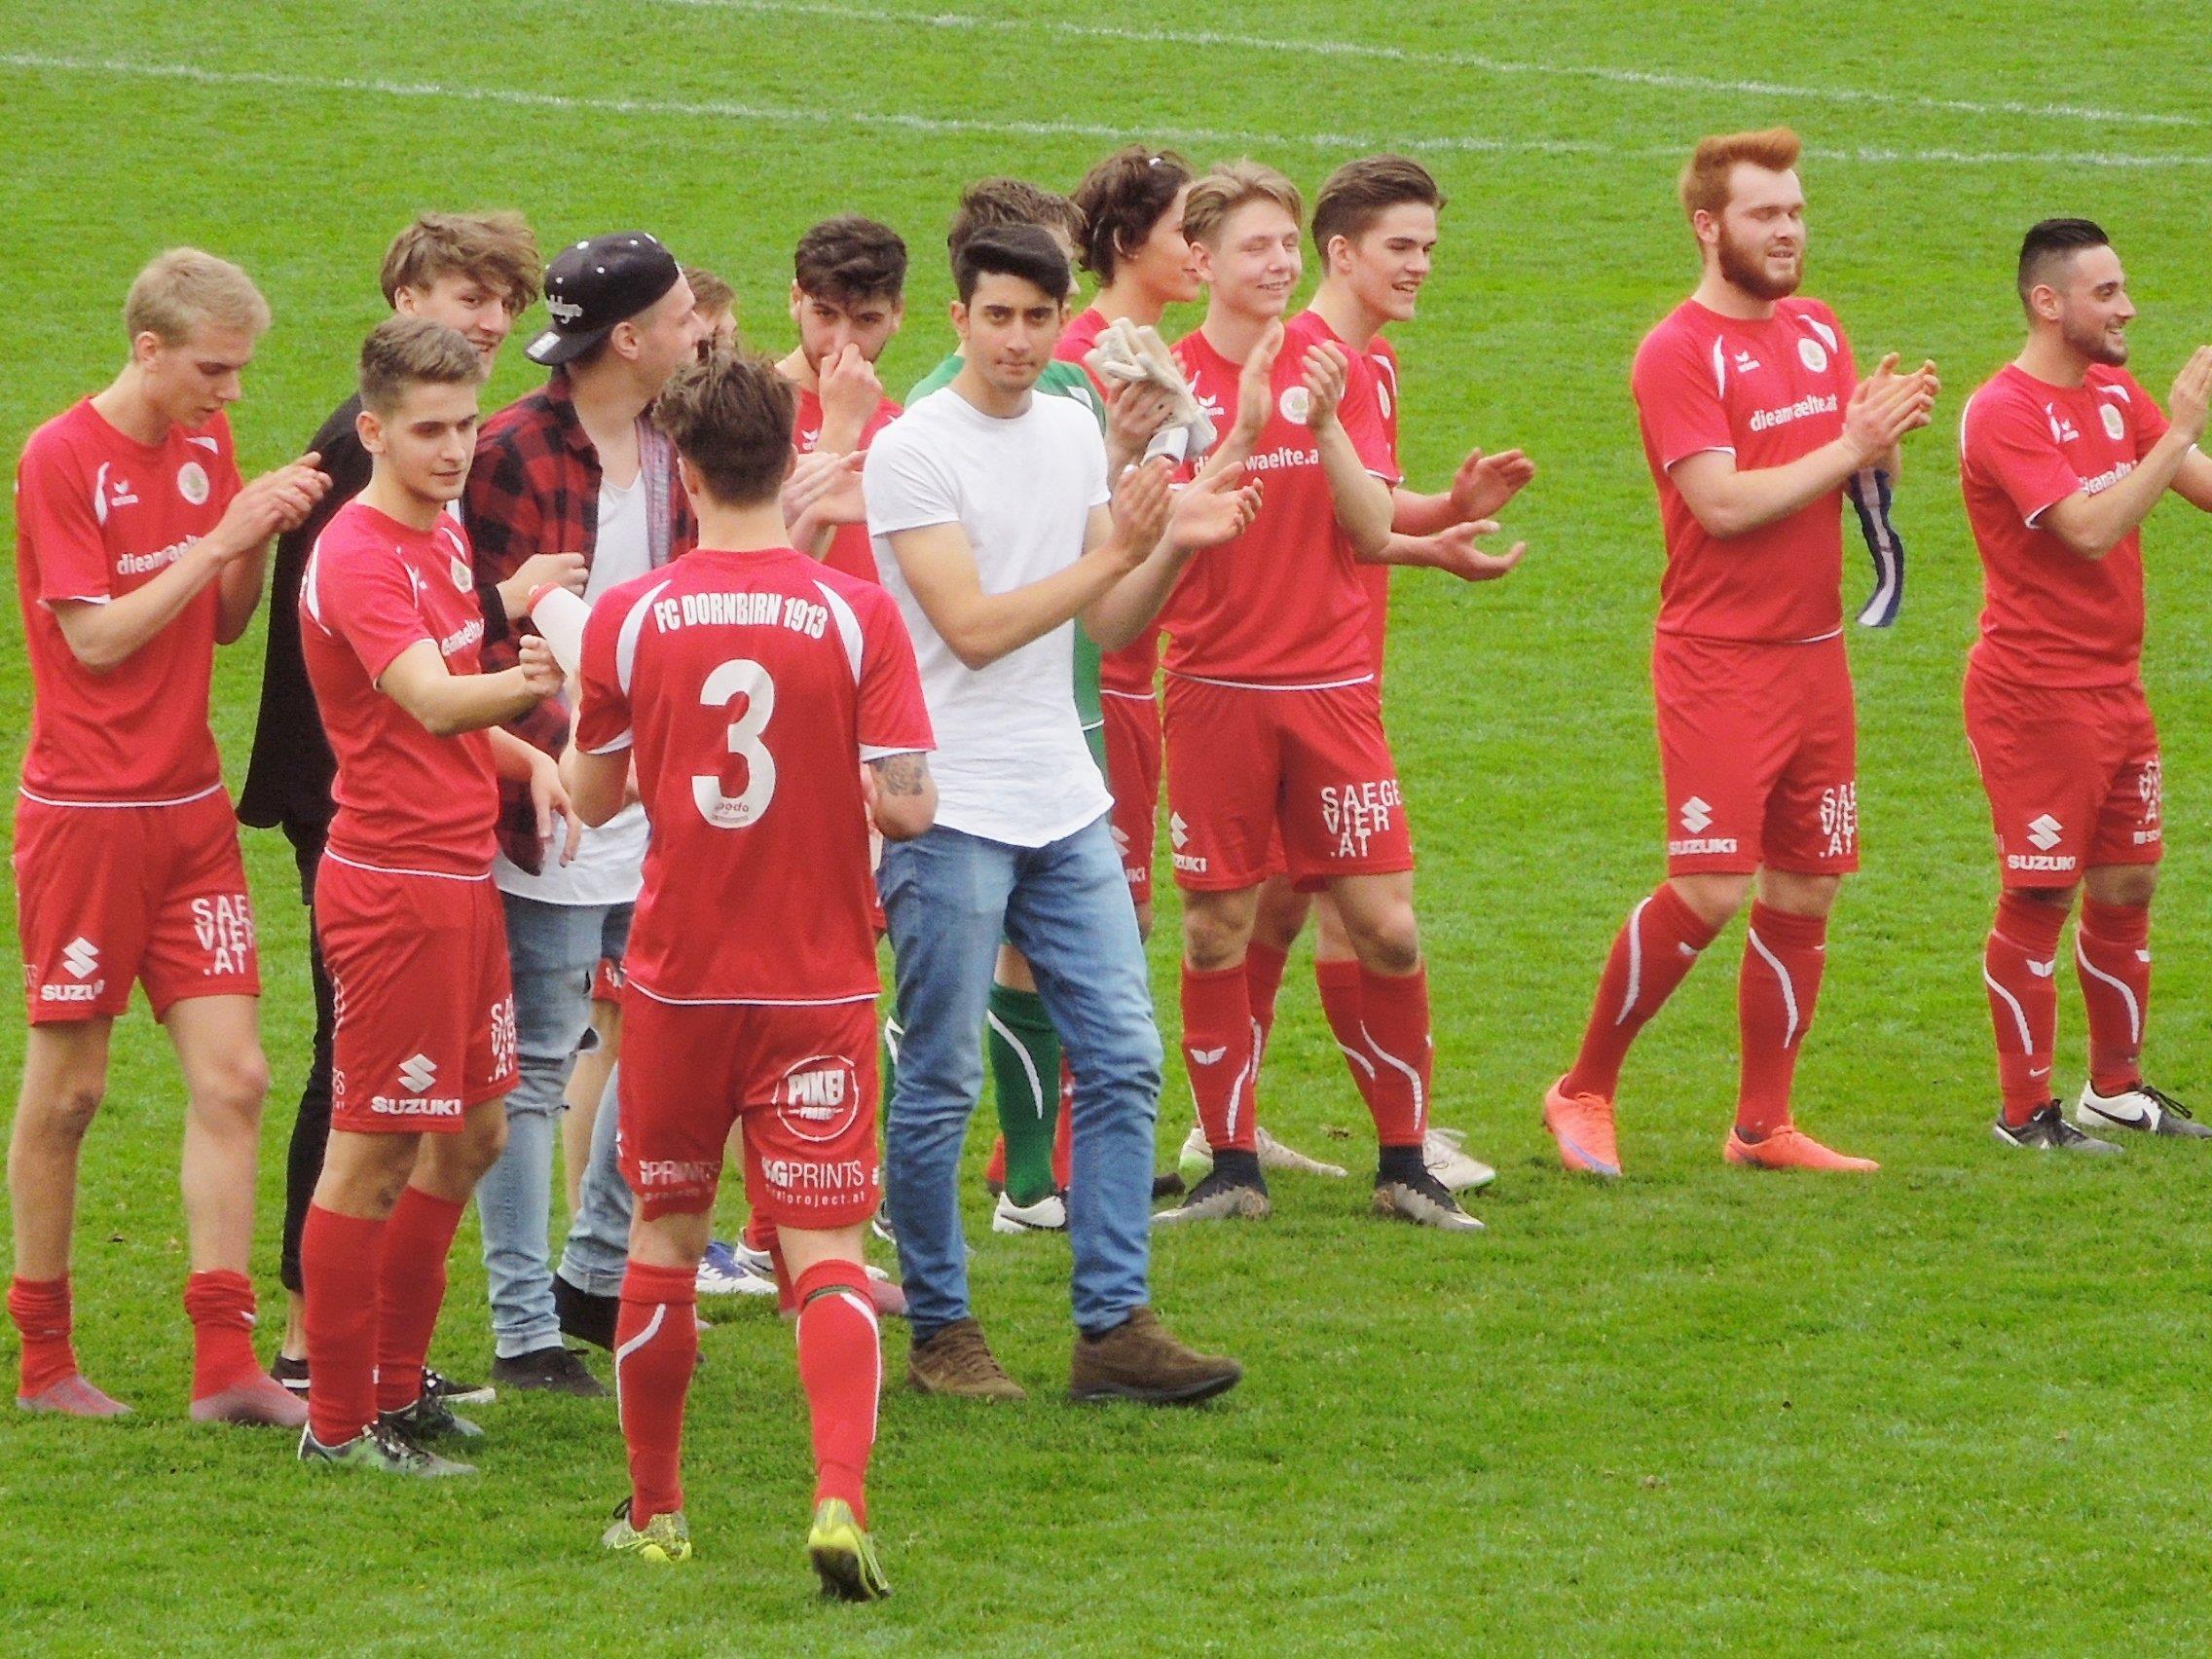 Auch beim Heimspiel gegen Hohenweiler am vergangenen Sonntag durften wieder die FCD Juniors jubeln.